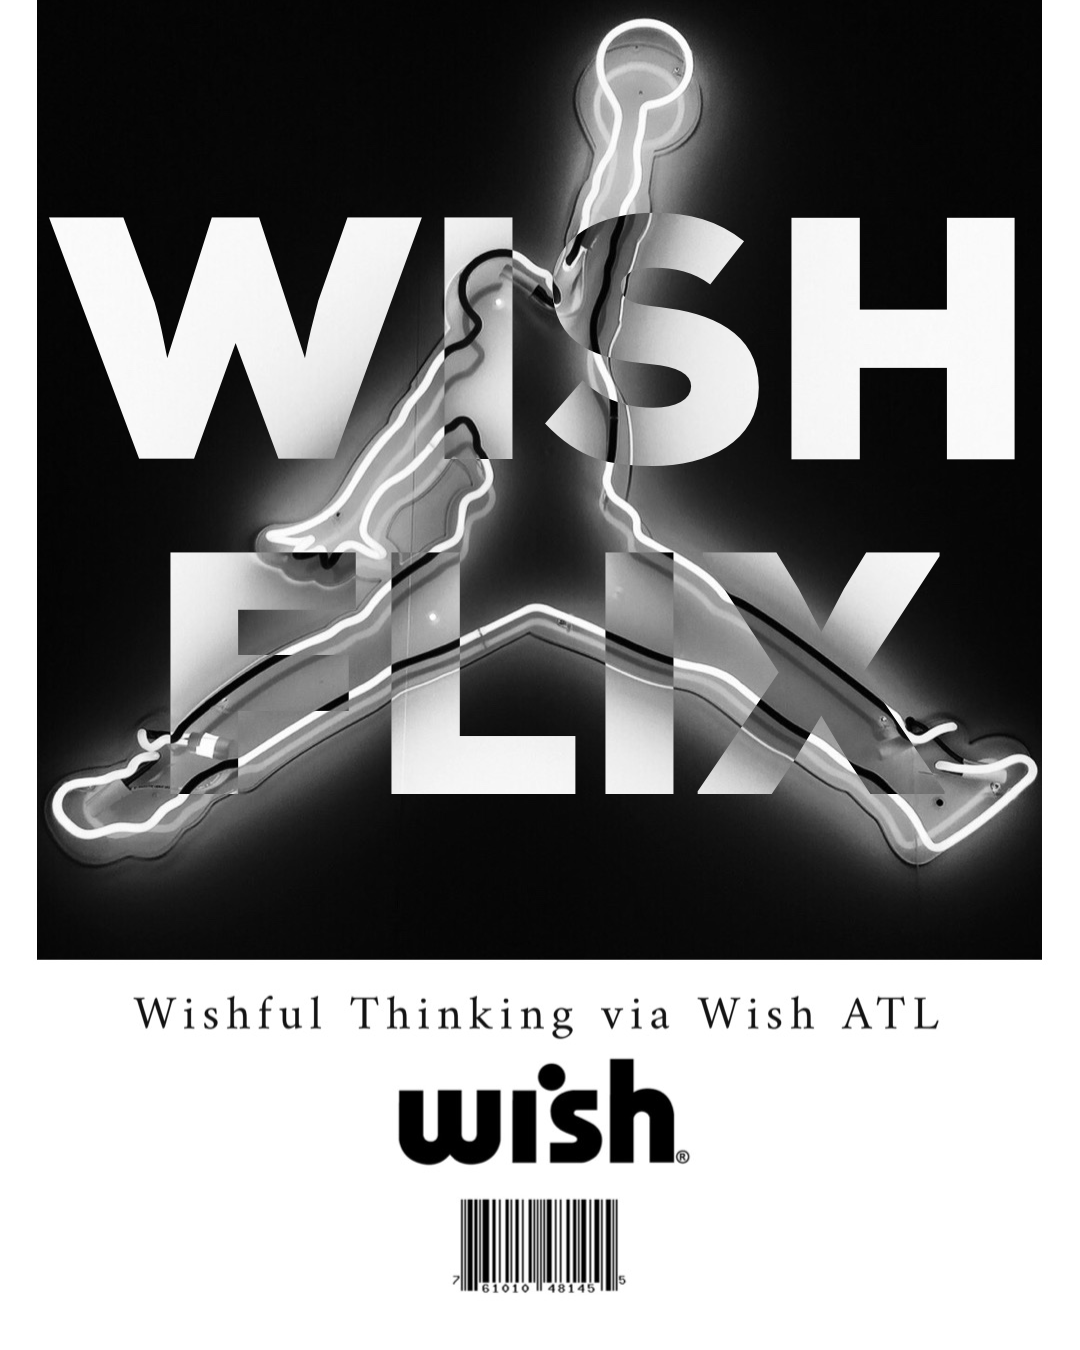 WISHFLIX – G.O.A.T. Edition